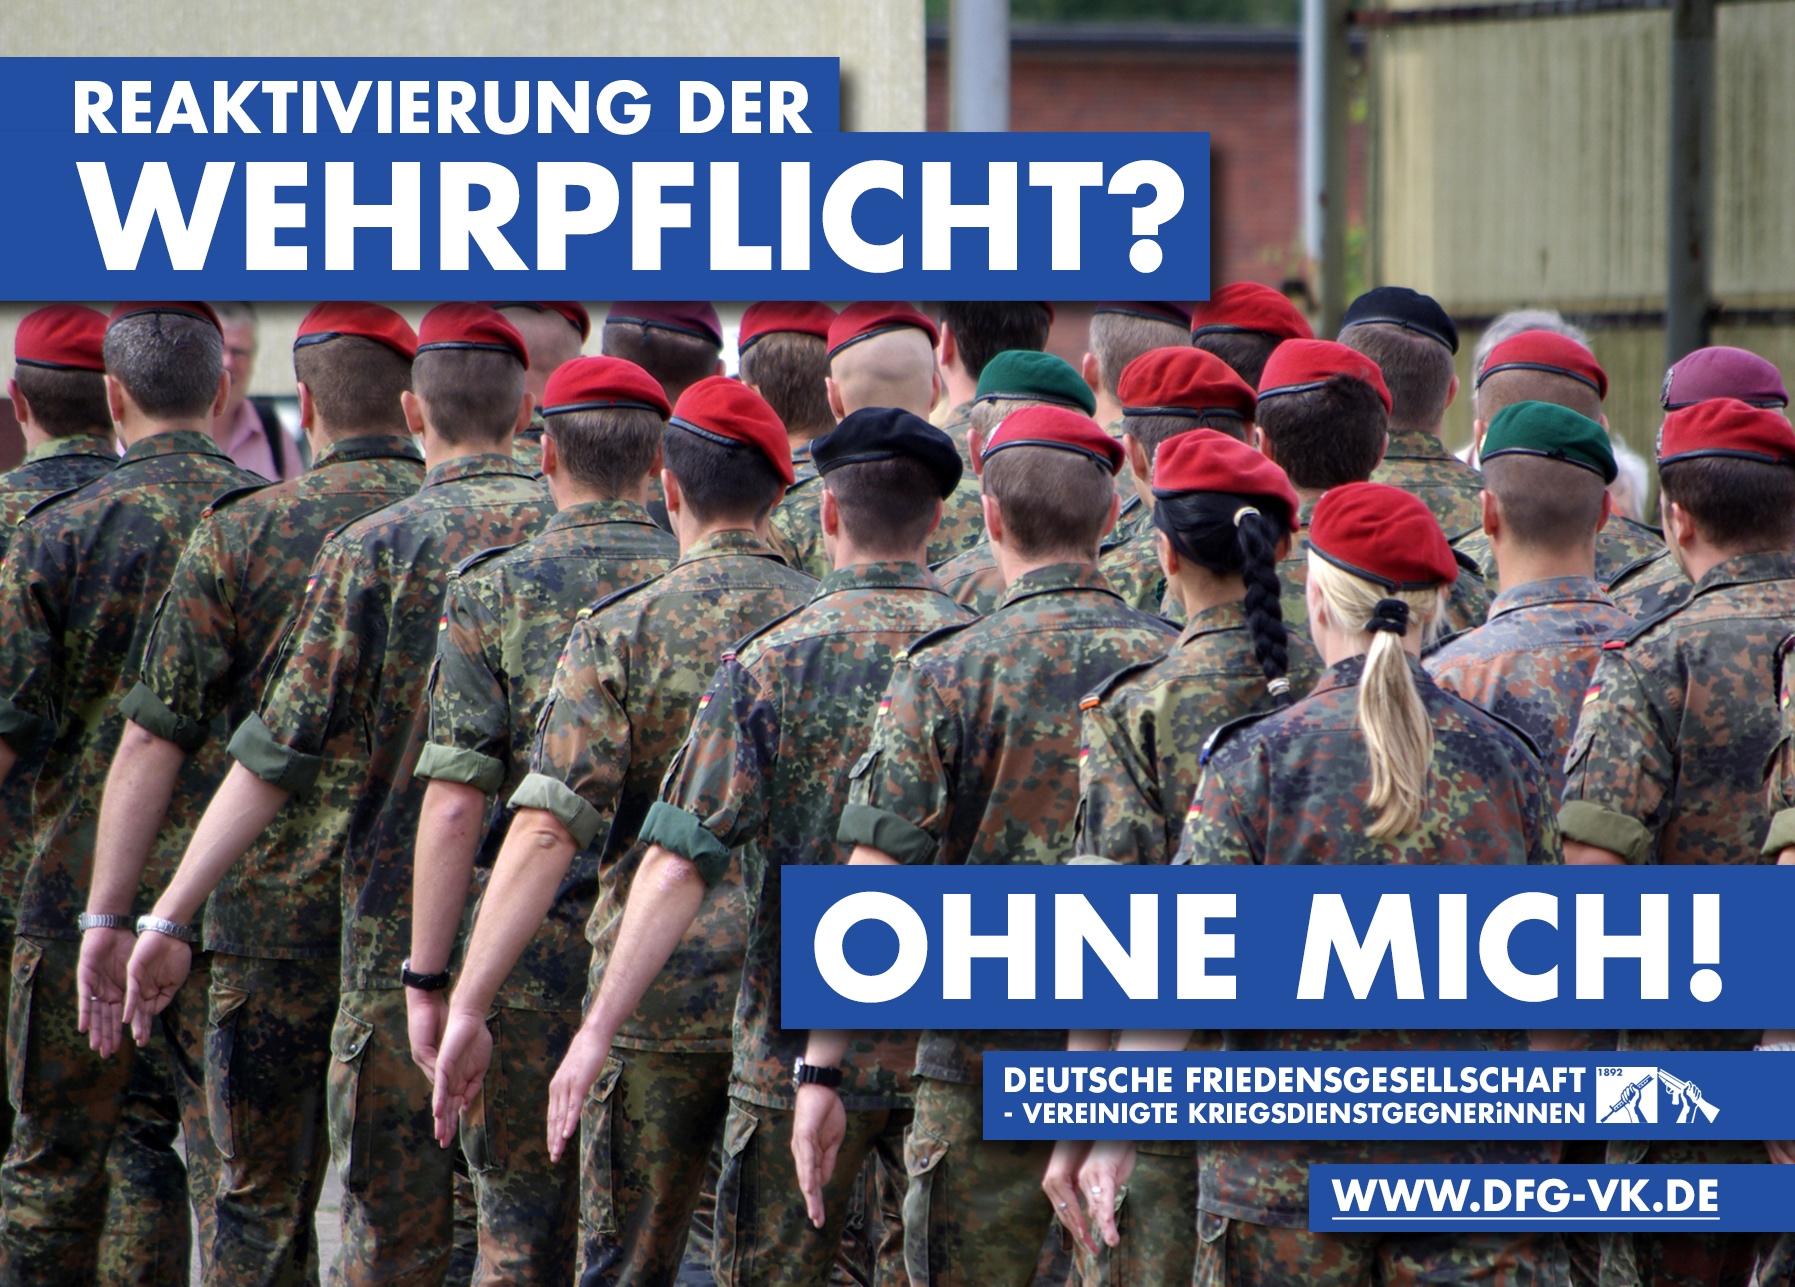 """Auf Postkartengröße sind marschierende Bundeswehrsoldaten von hinten zu sehen. Darauf steht: """"Reaktivierung der Wehrpflicht? - Ohne mich!"""""""